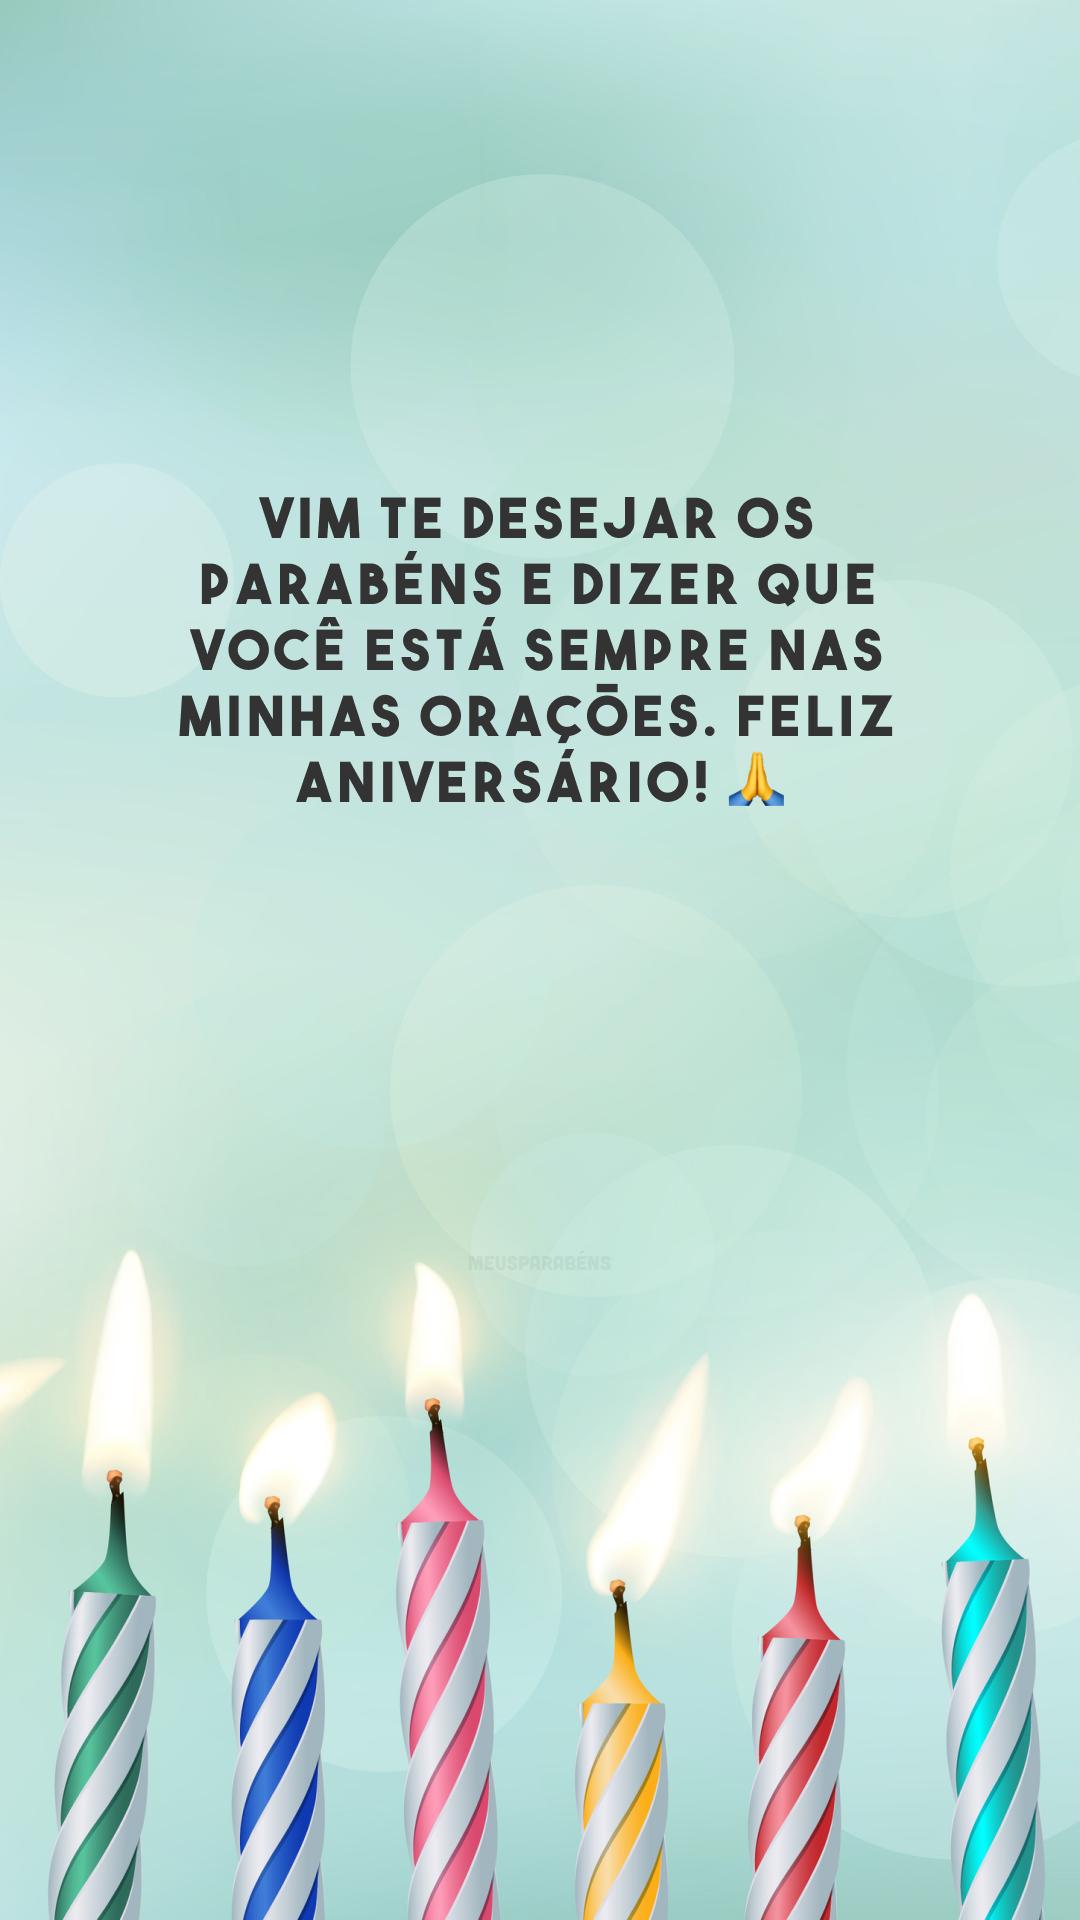 Vim te desejar os parabéns e dizer que você está sempre nas minhas orações. Feliz aniversário! 🙏